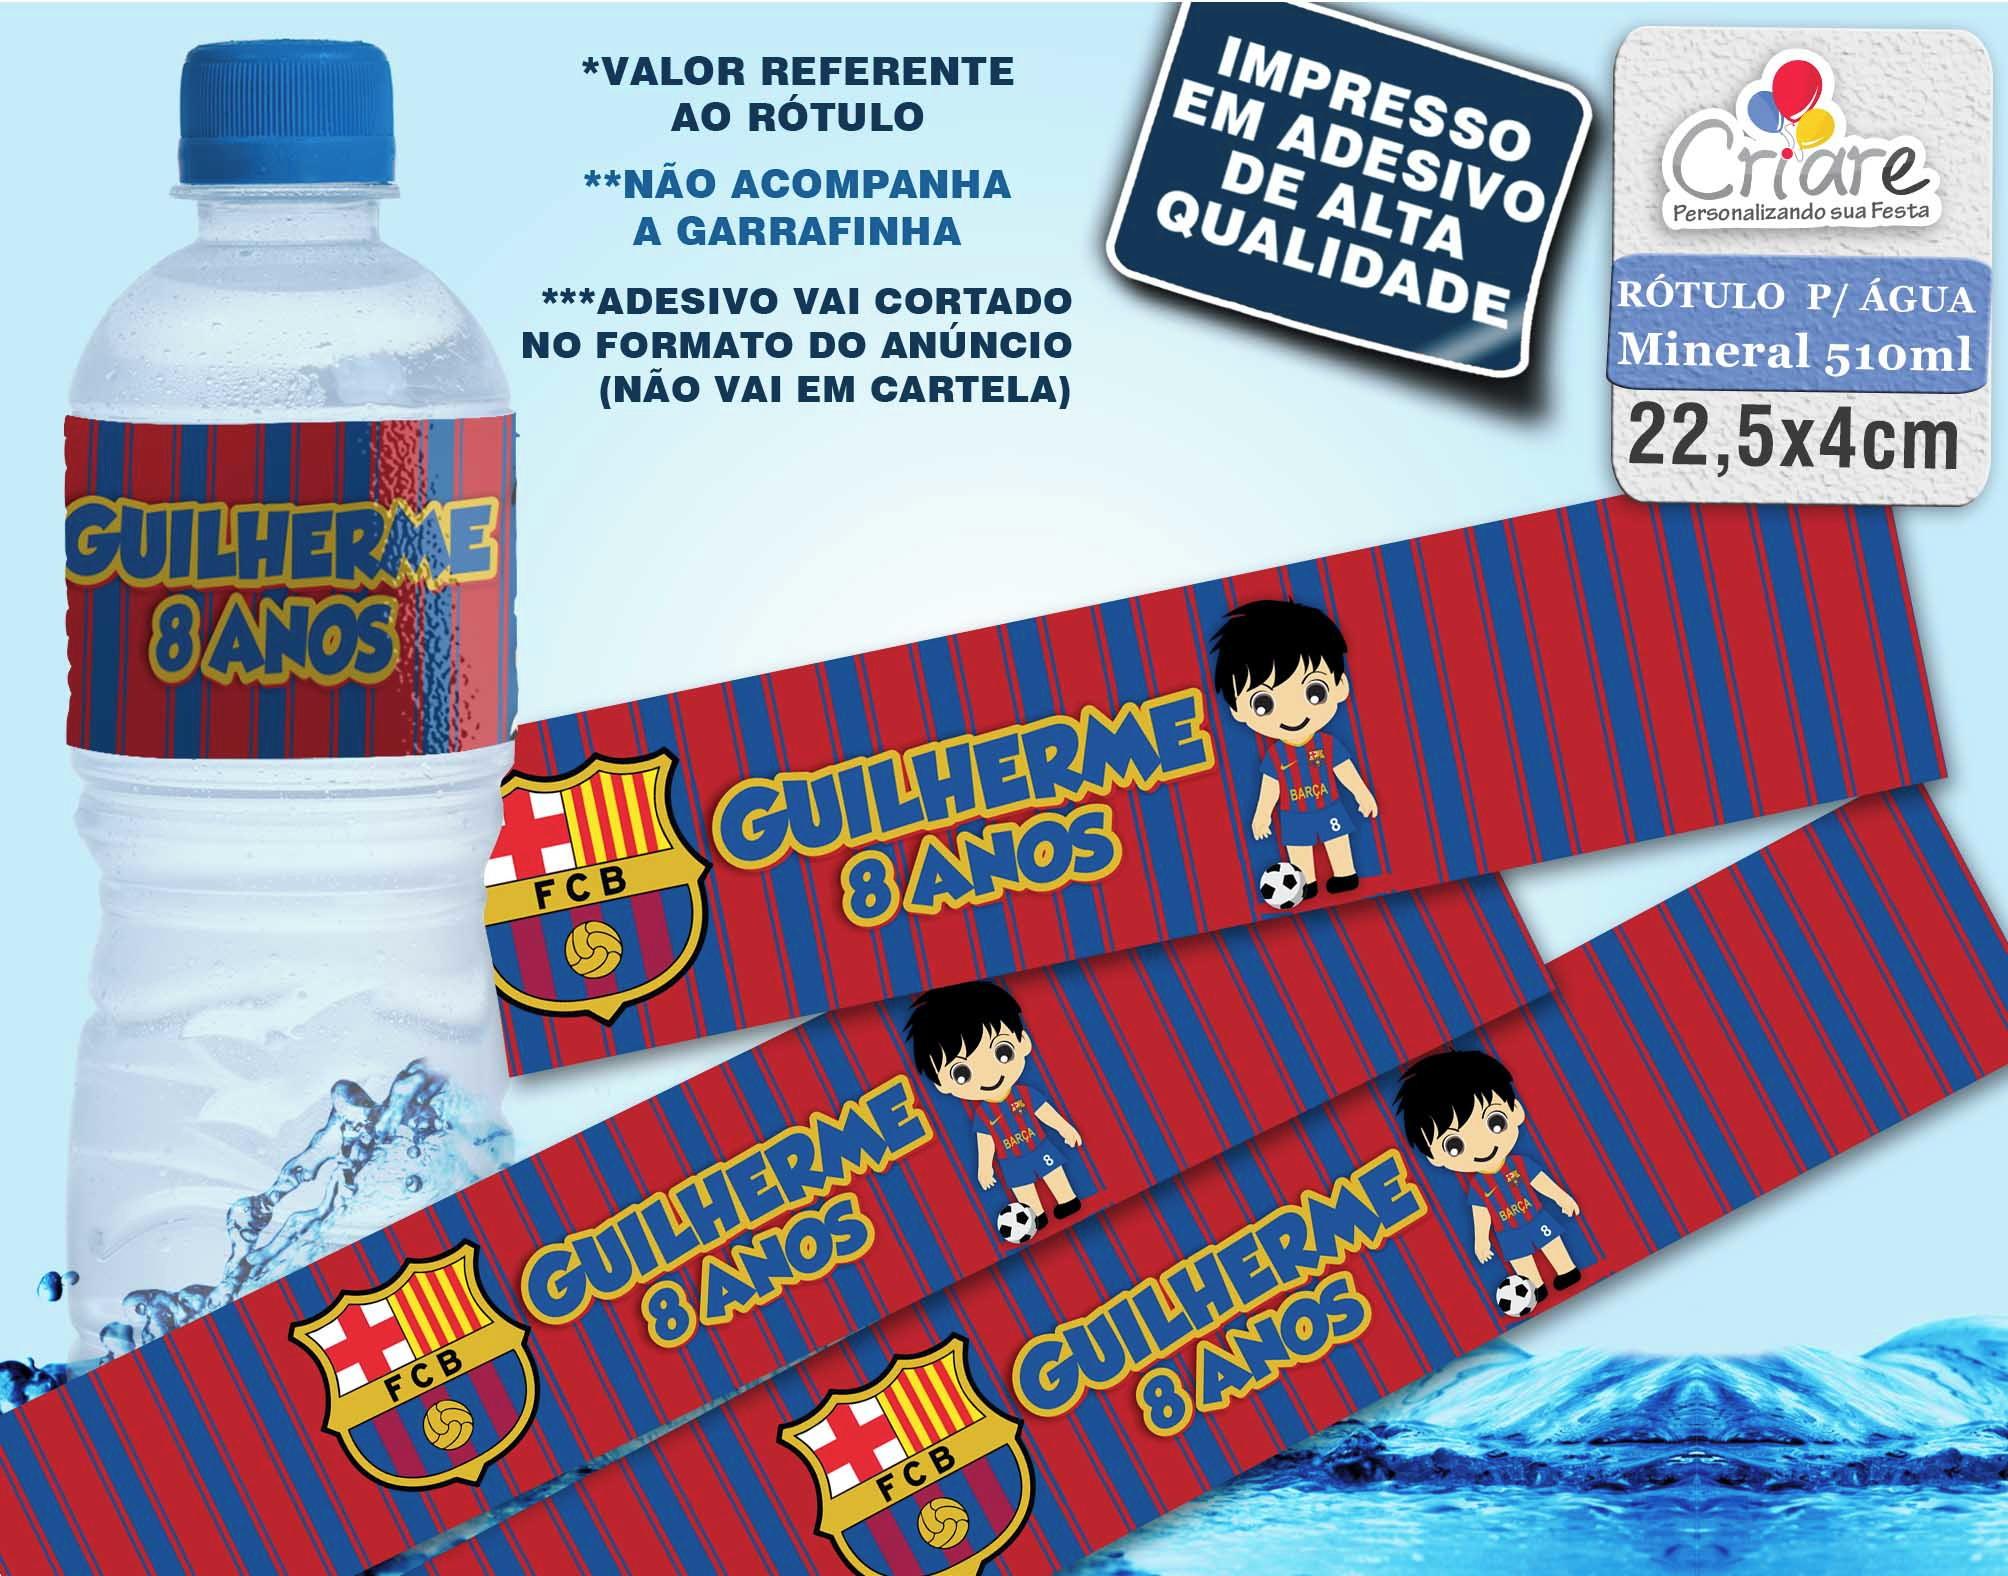 Rótulo água Mineral Barcelona No Elo7 Criare Lembrancinhas Personalizadas F3a9c1